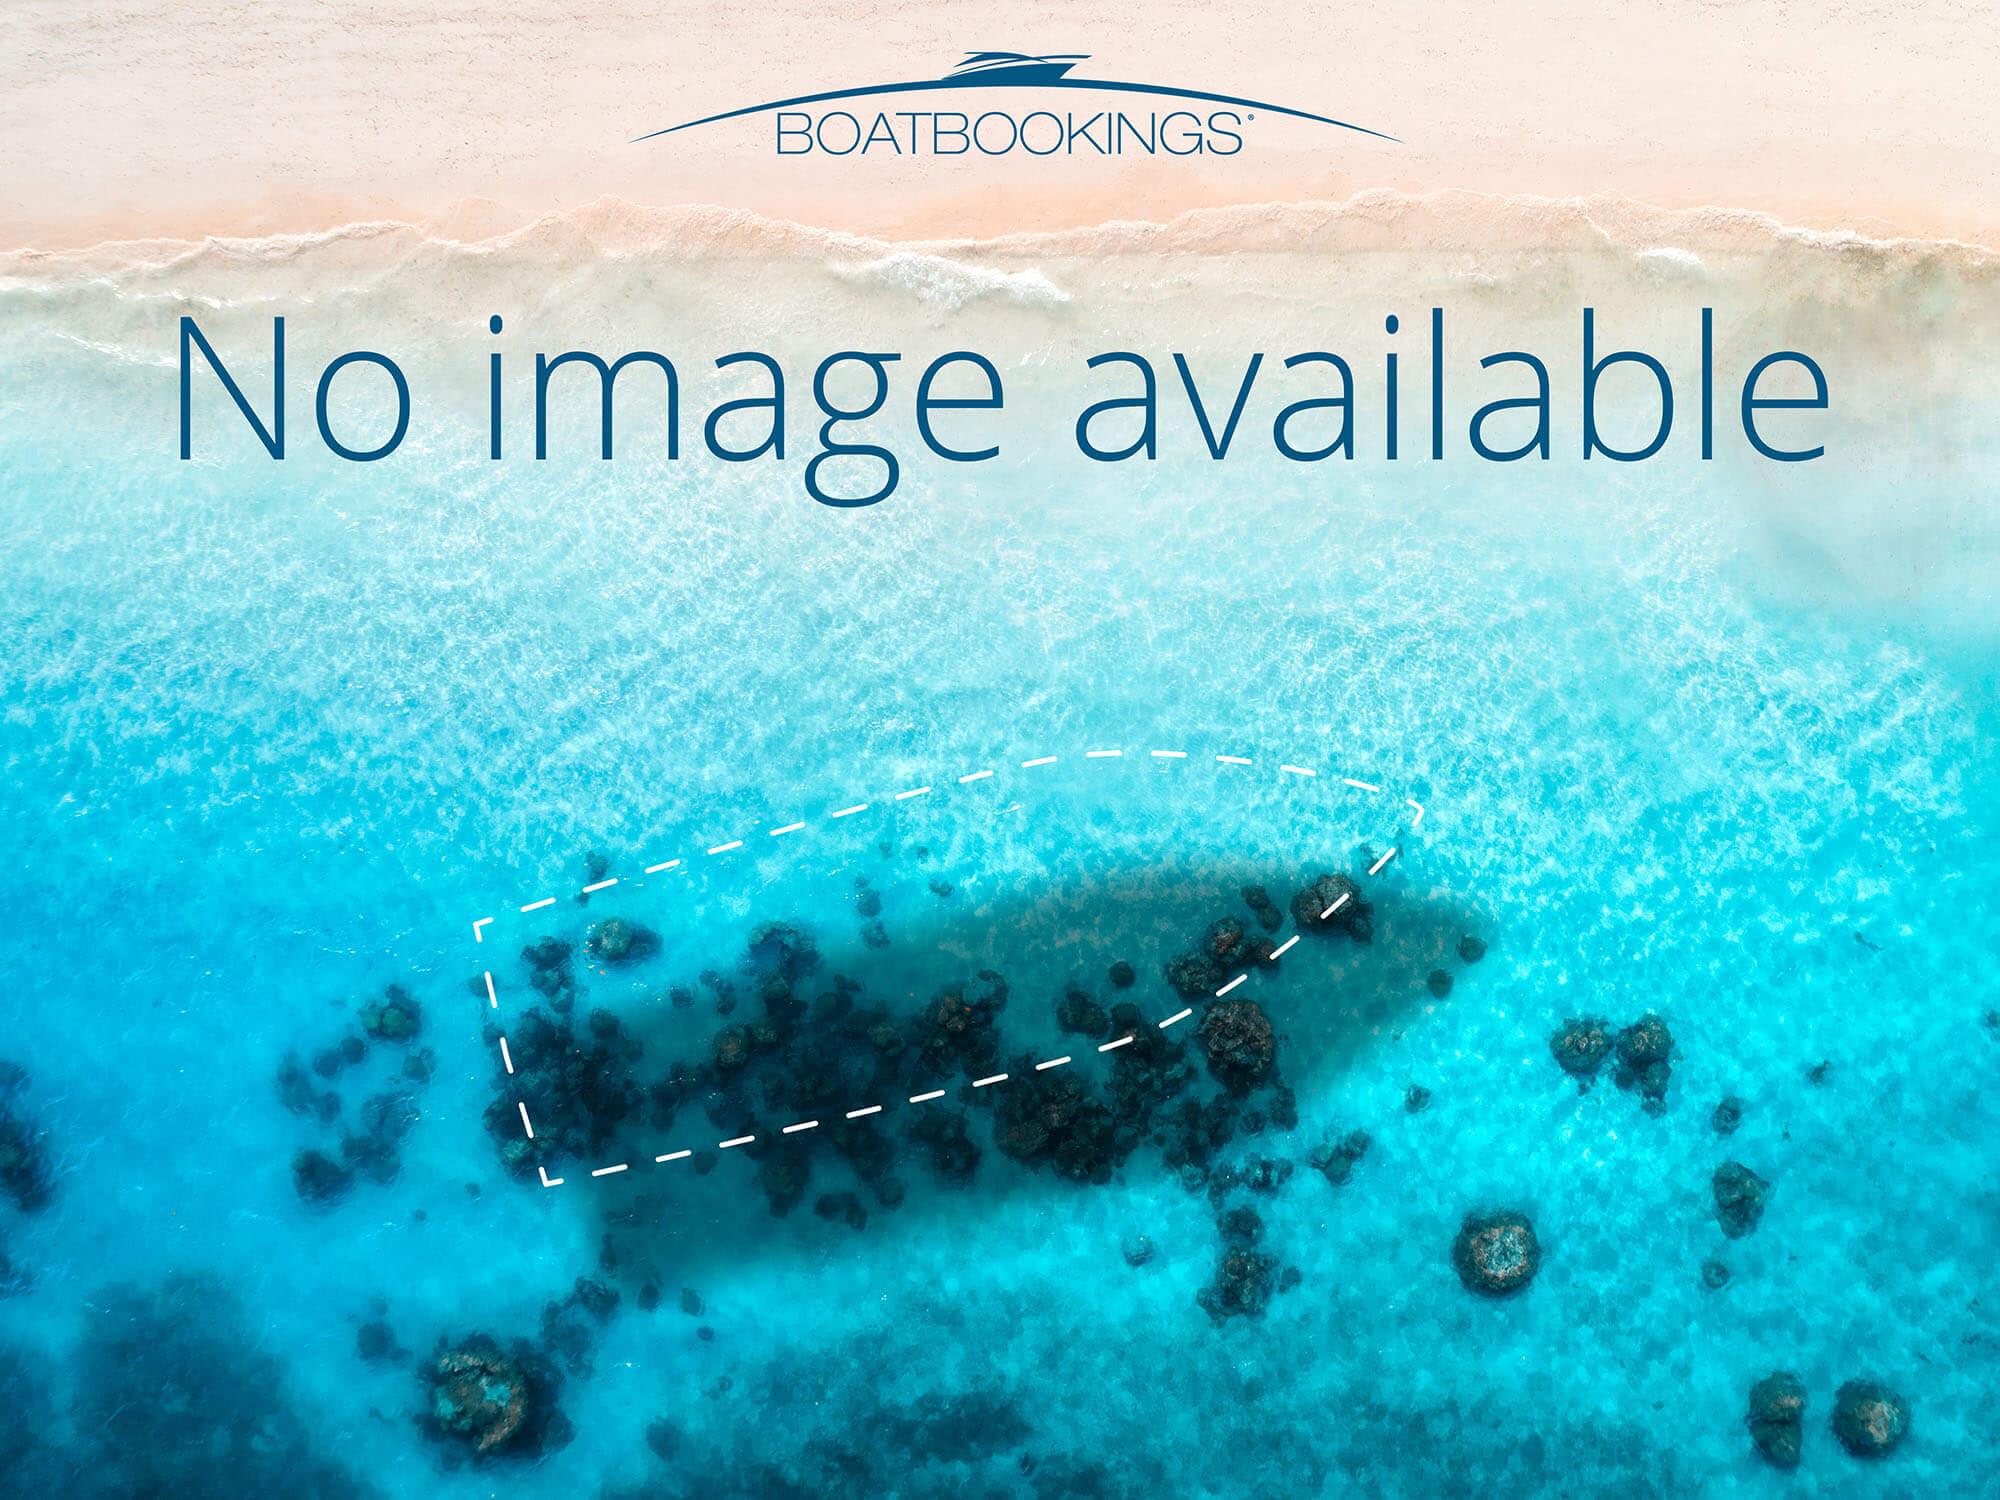 amalfi Coast, Sorrento, Yacht Charter Amalfi Coast, Yacht Charter Sorrento